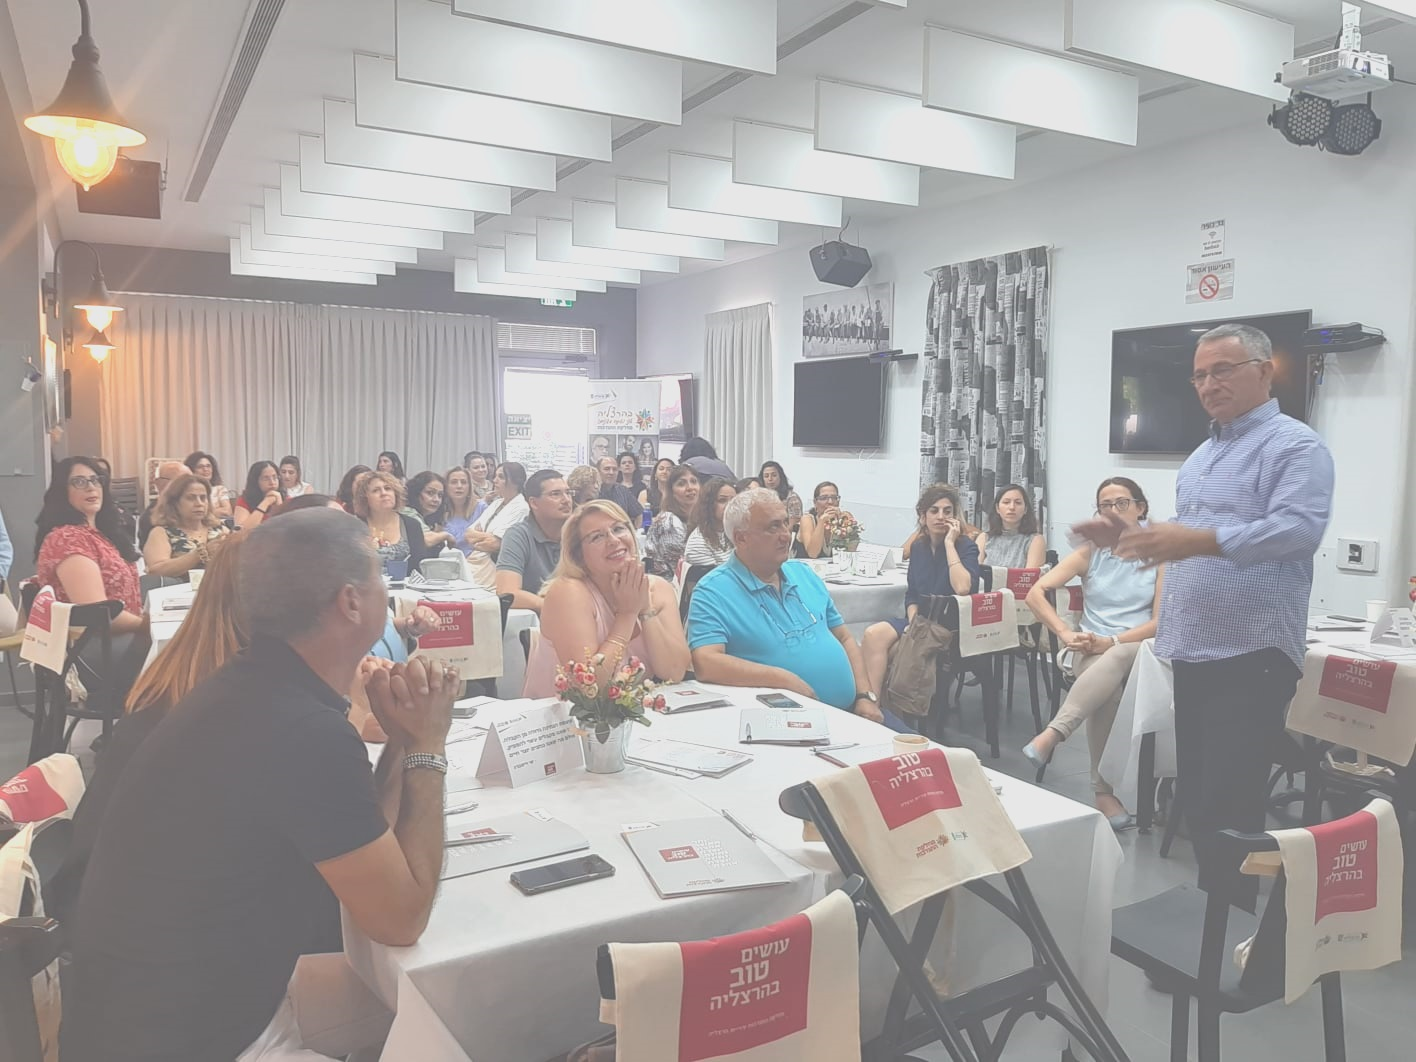 מפגש מתנדבים מרשויות שונות בהרצליה 2019